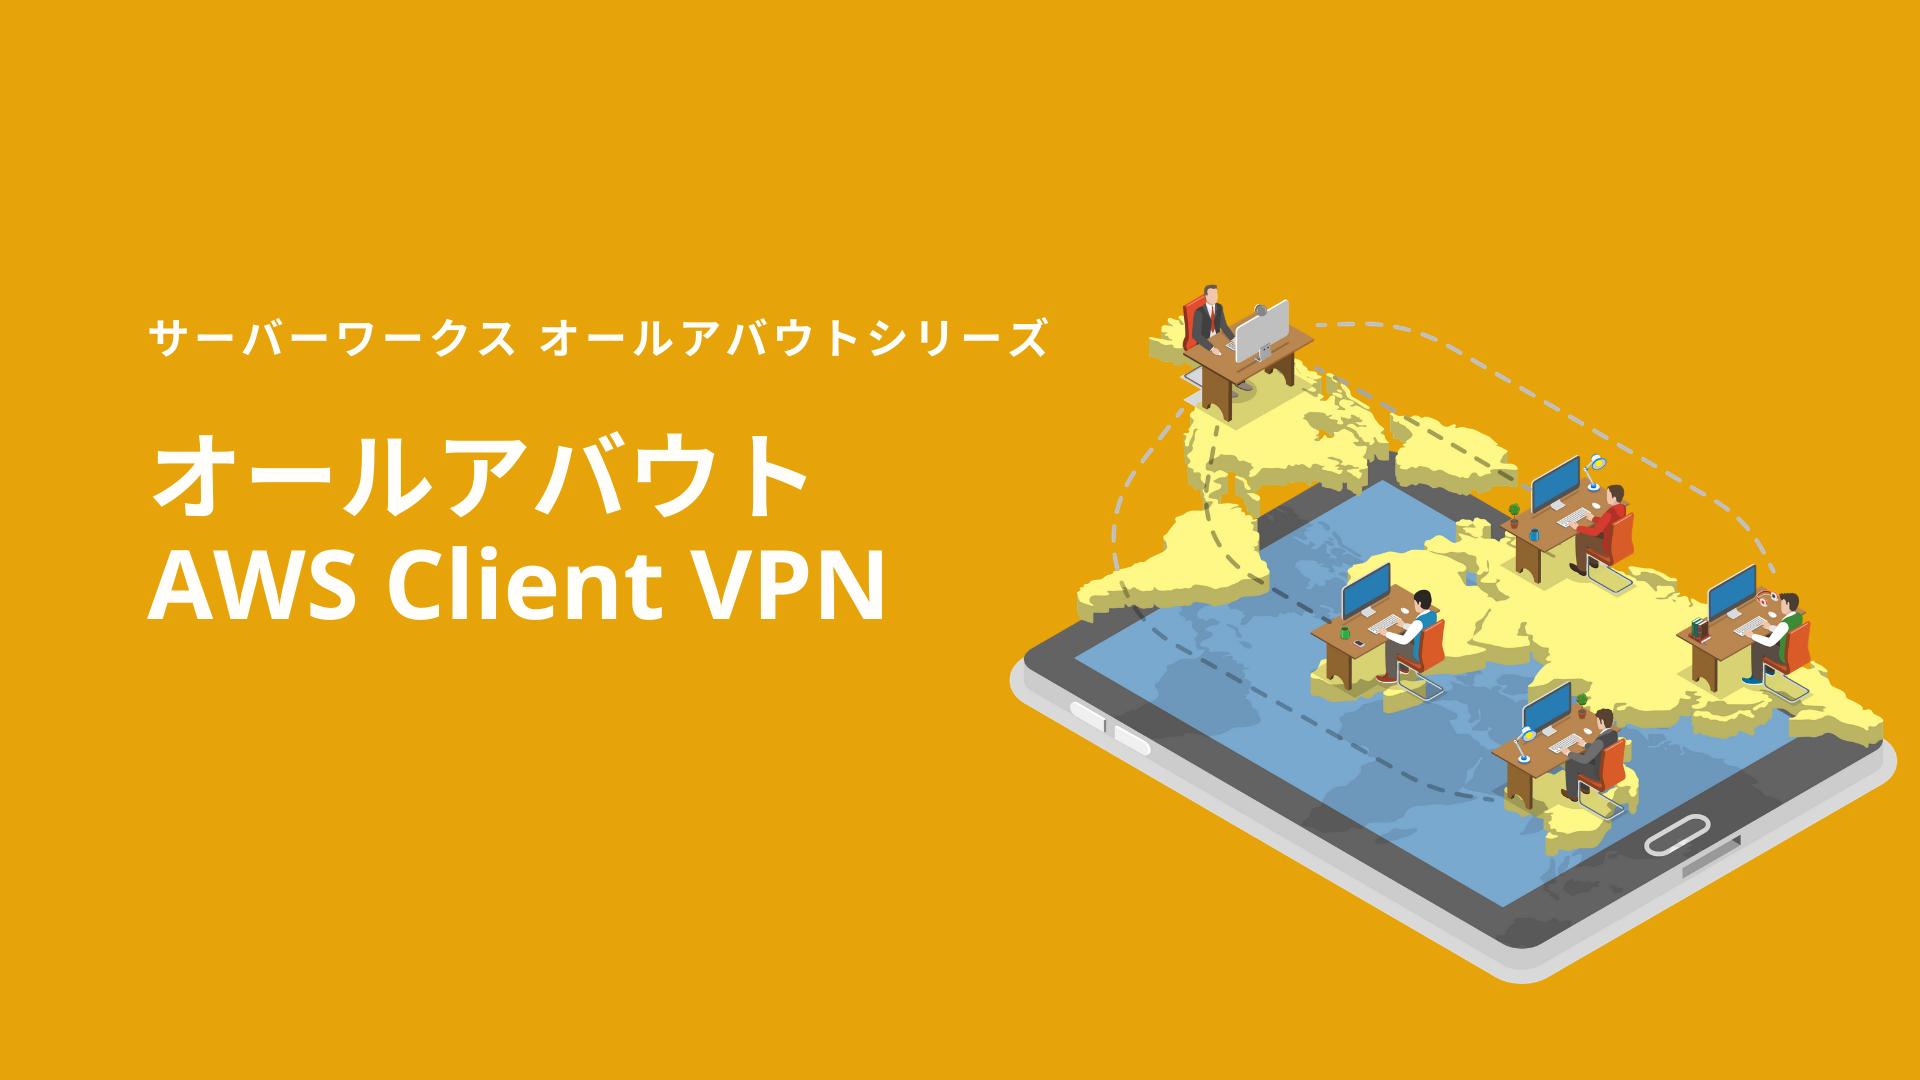 サーバーワークス、リモートアクセス環境を迅速に整備できる「AWS Client VPN」についてのホワイトペーパーを公開